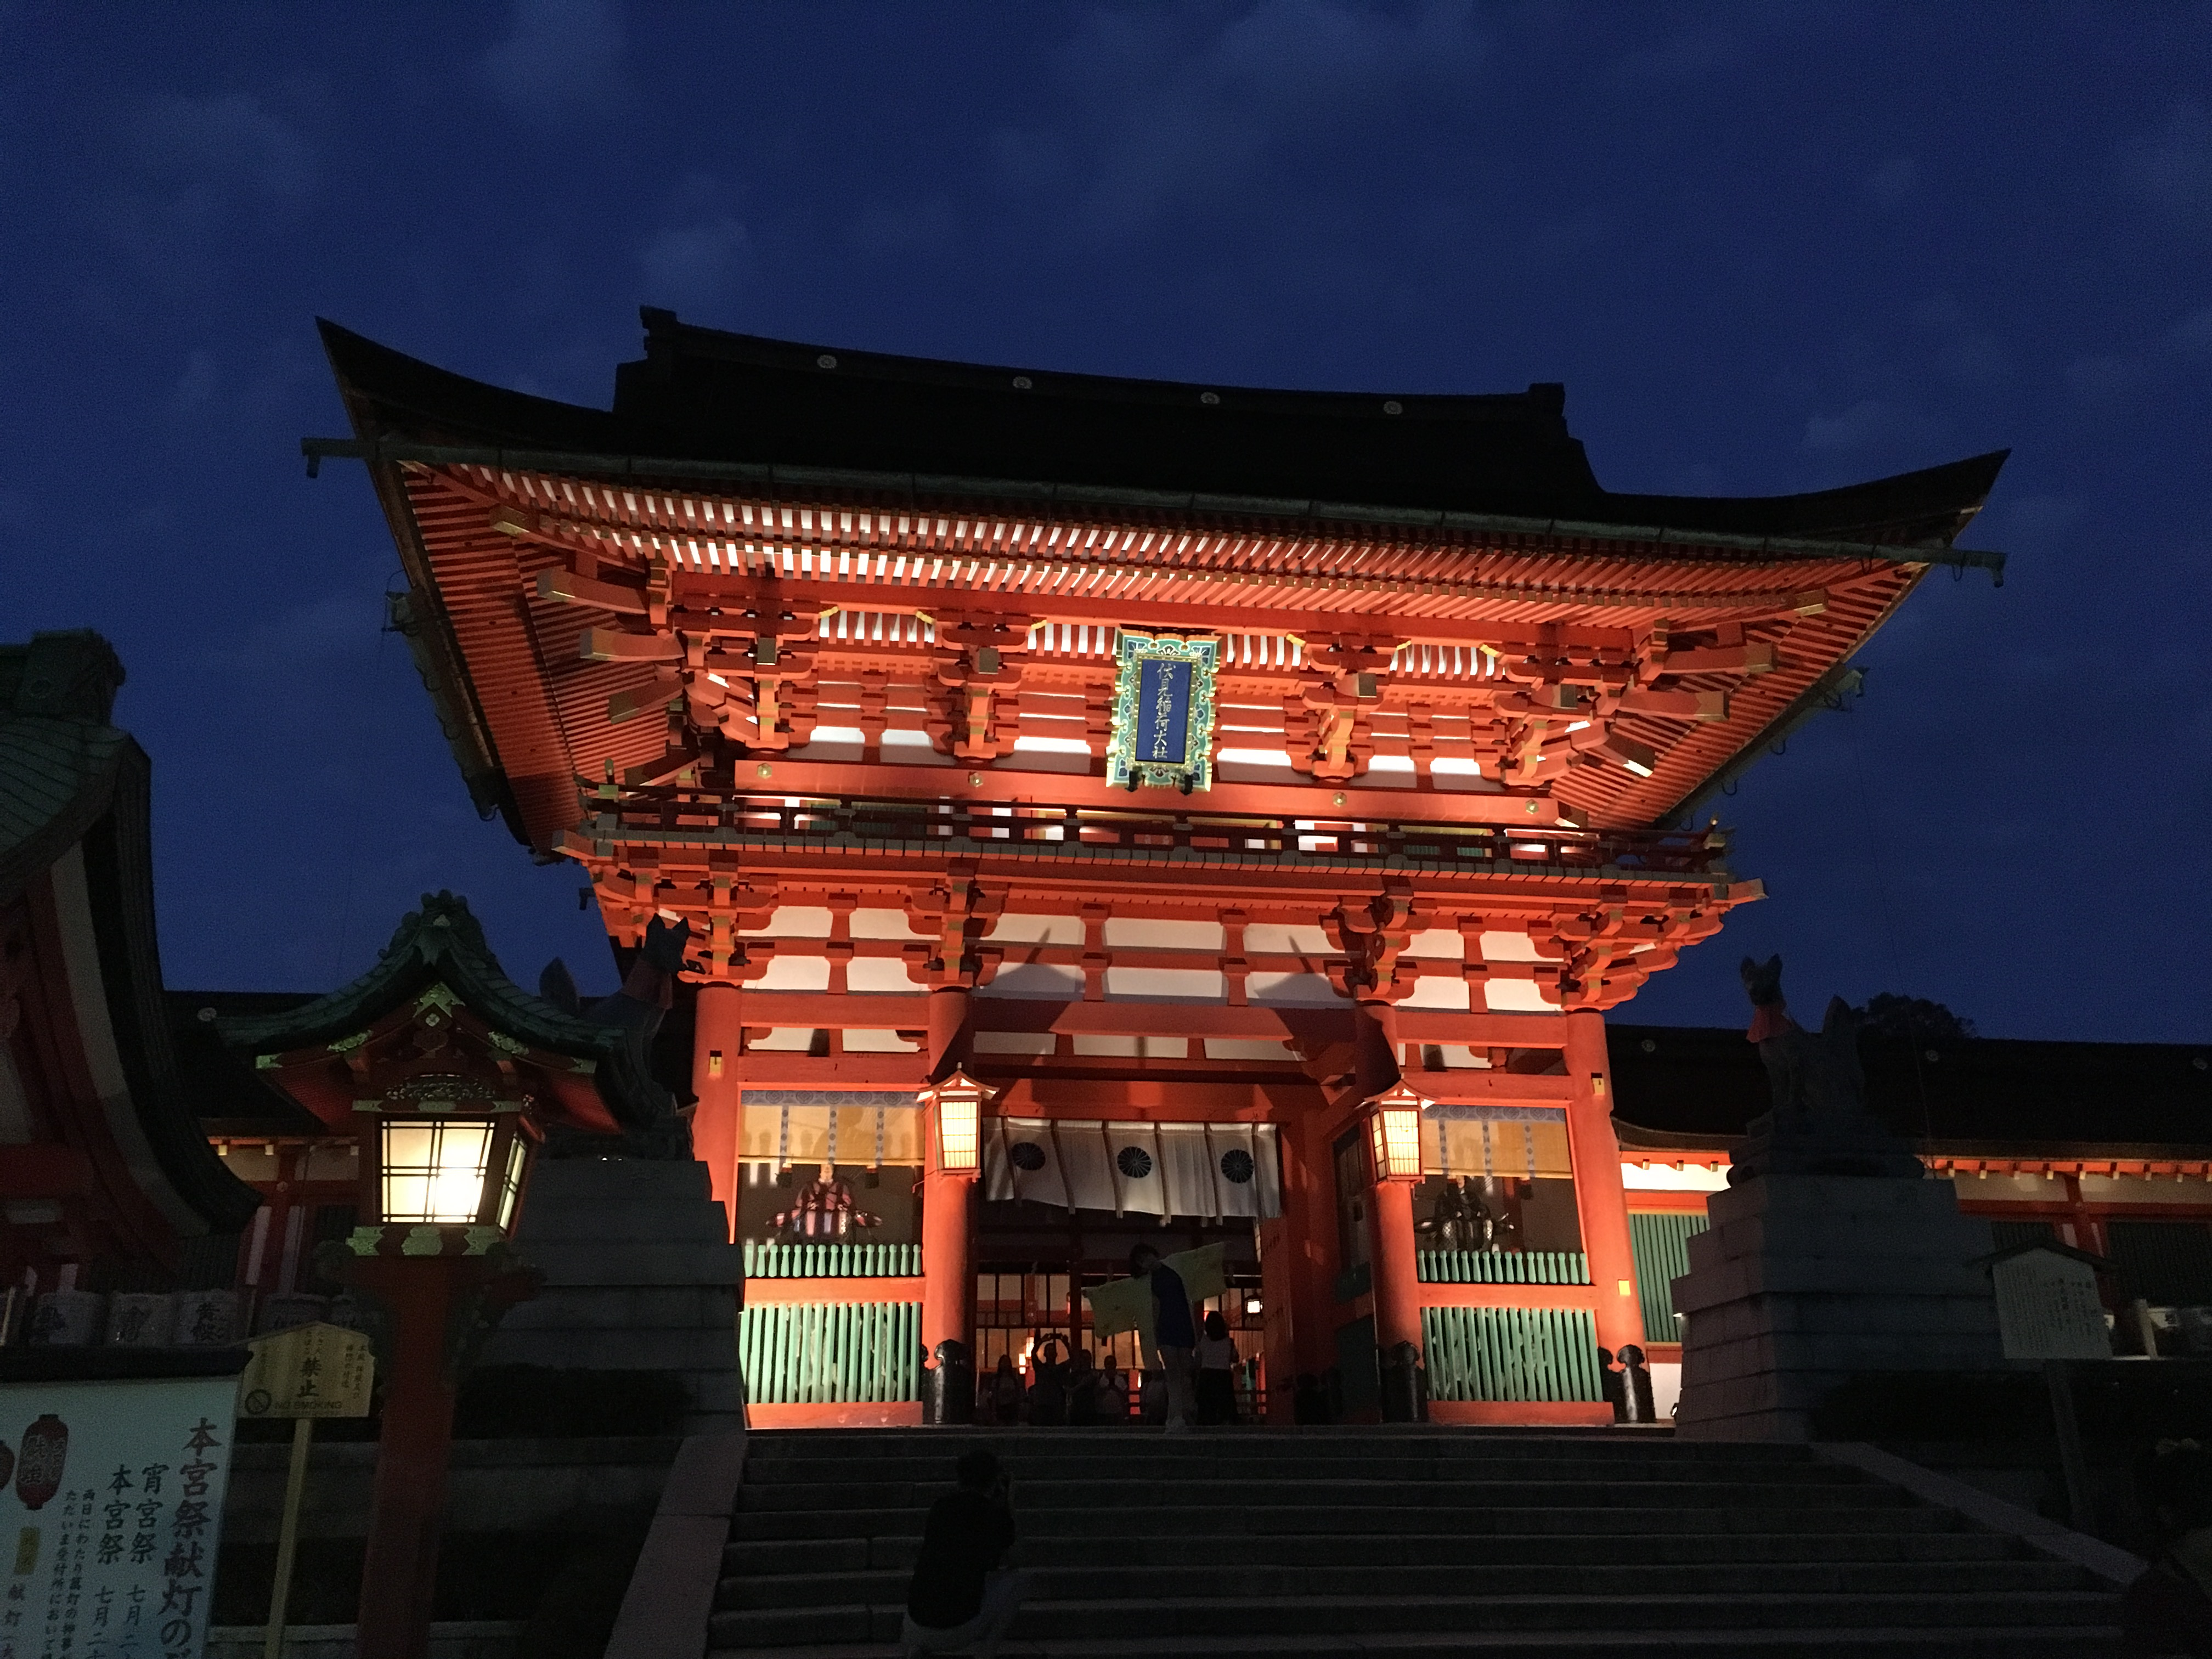 【 일곱 7번째 나홀로 여행 3탄 】지옥의 천리행군 교토(Kyoto) - 후편 -